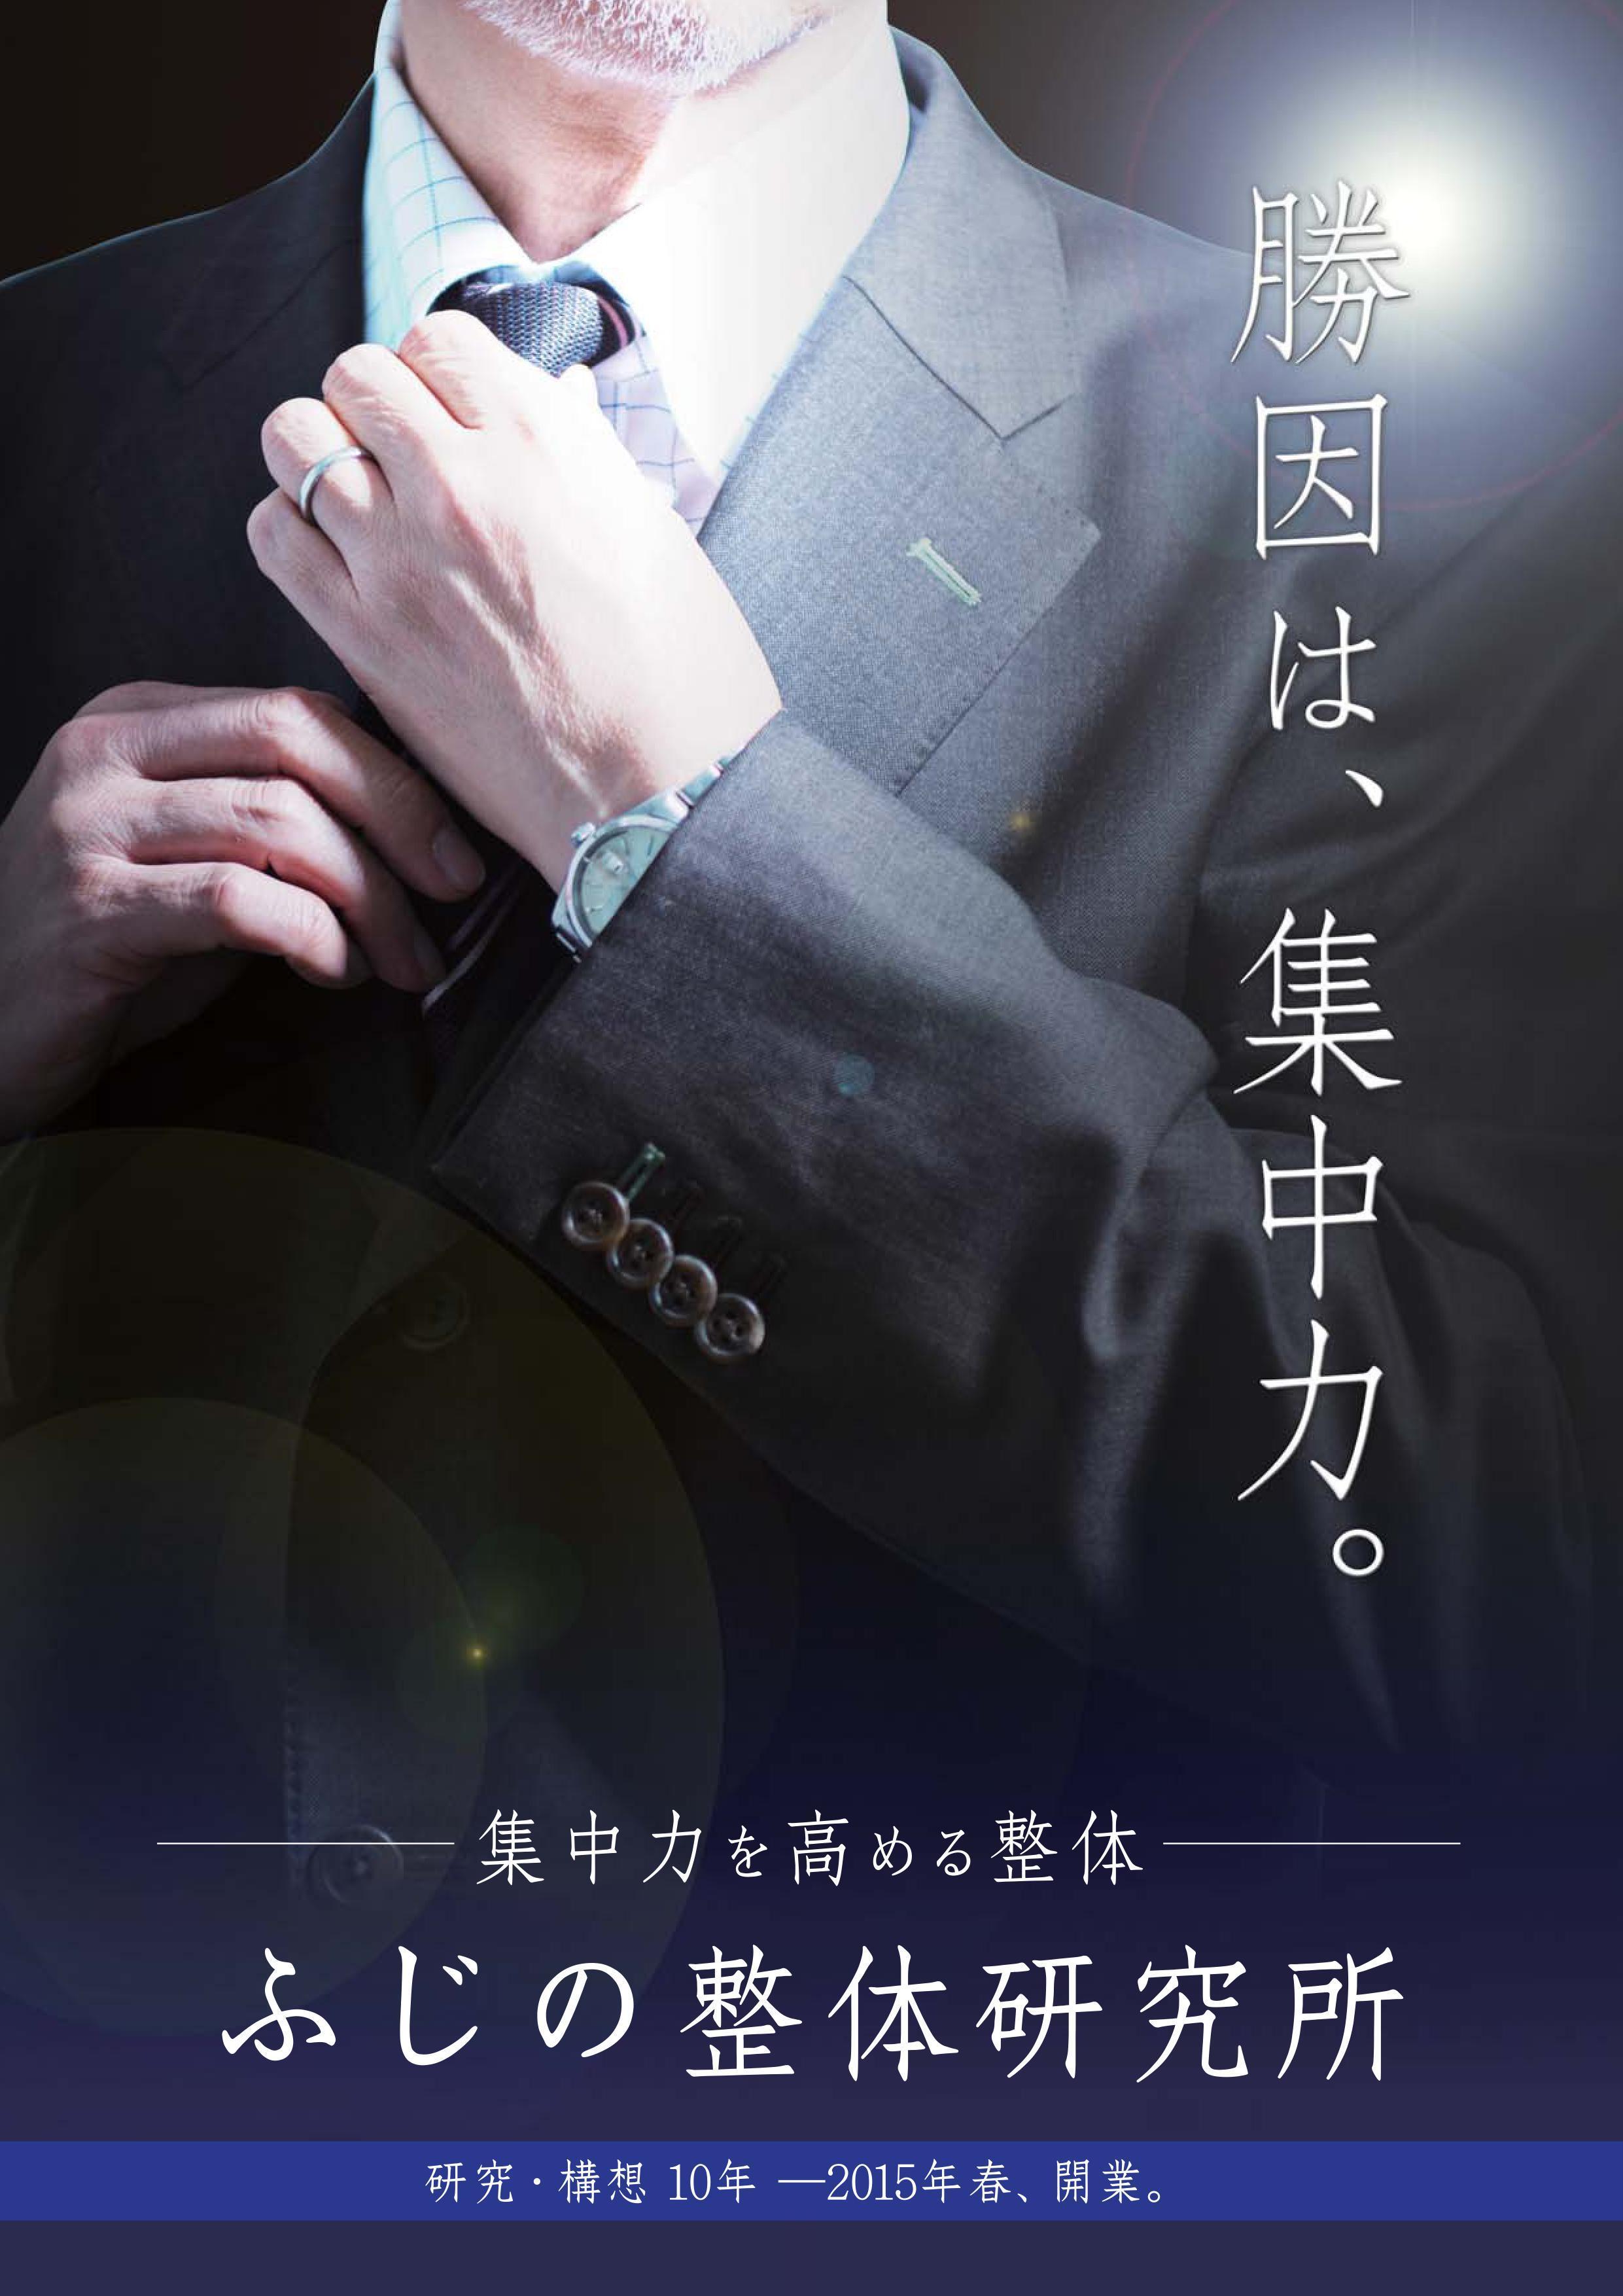 チラシ 広告 -ふじの整体研究所-_c0362789_18503954.jpg